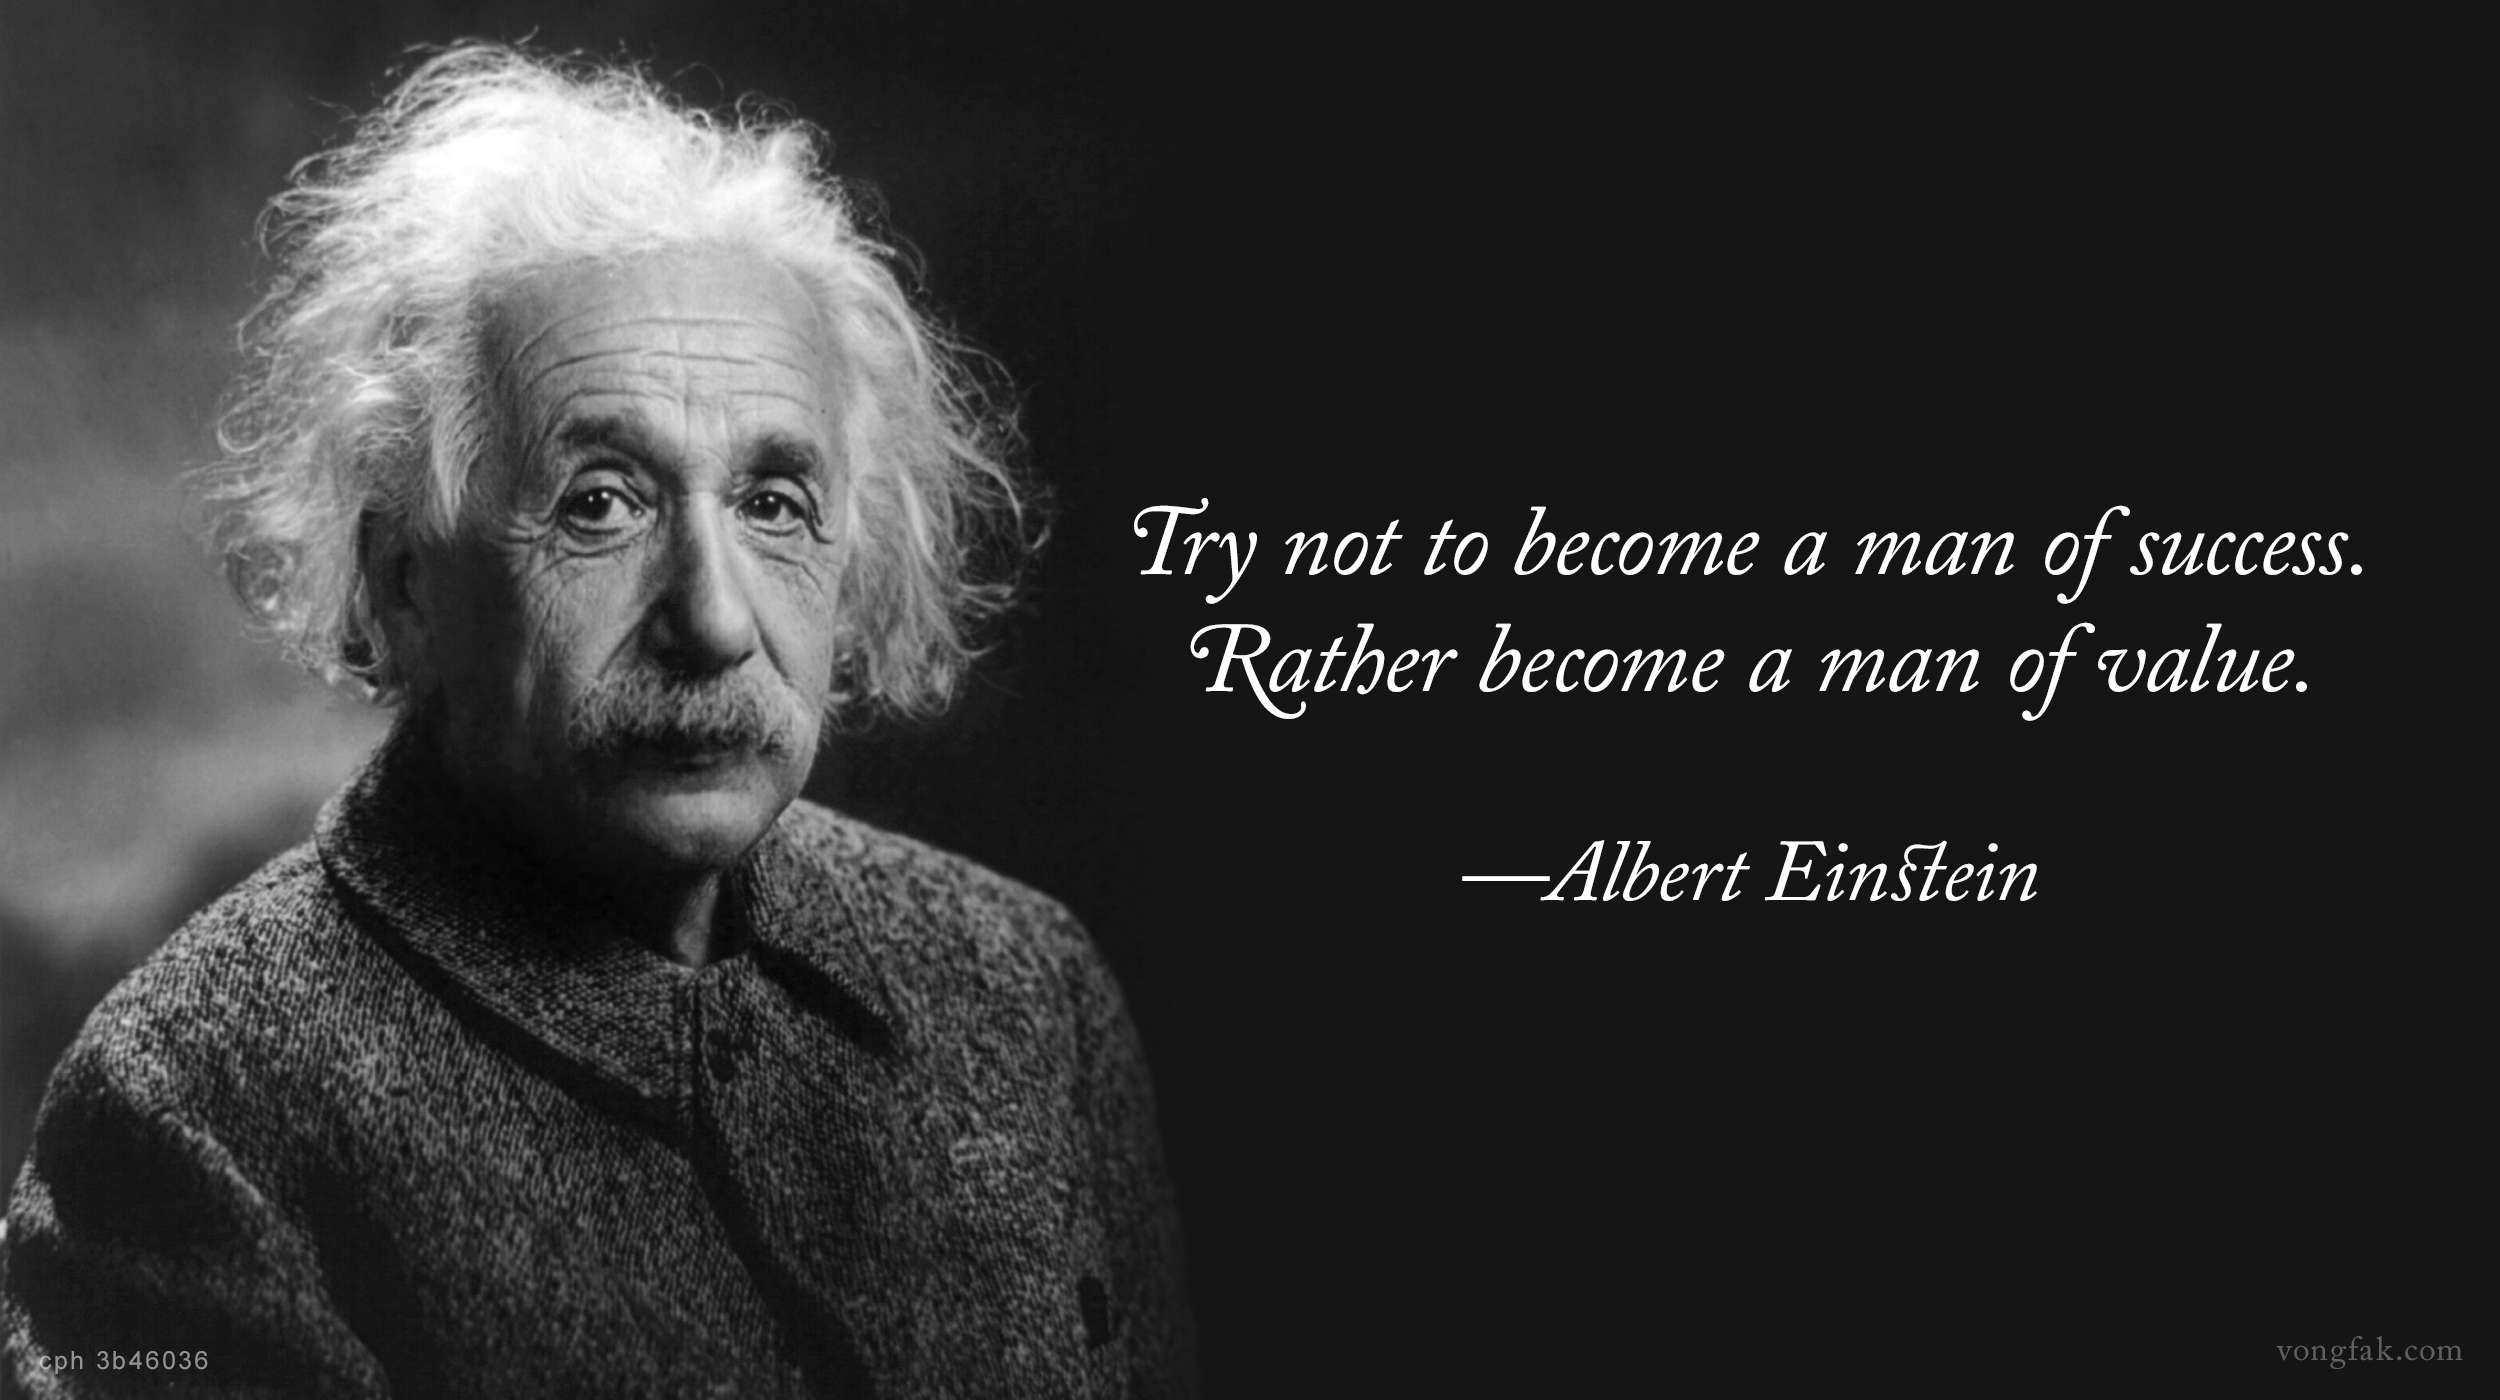 Quote_AlbertEinstein_11.png